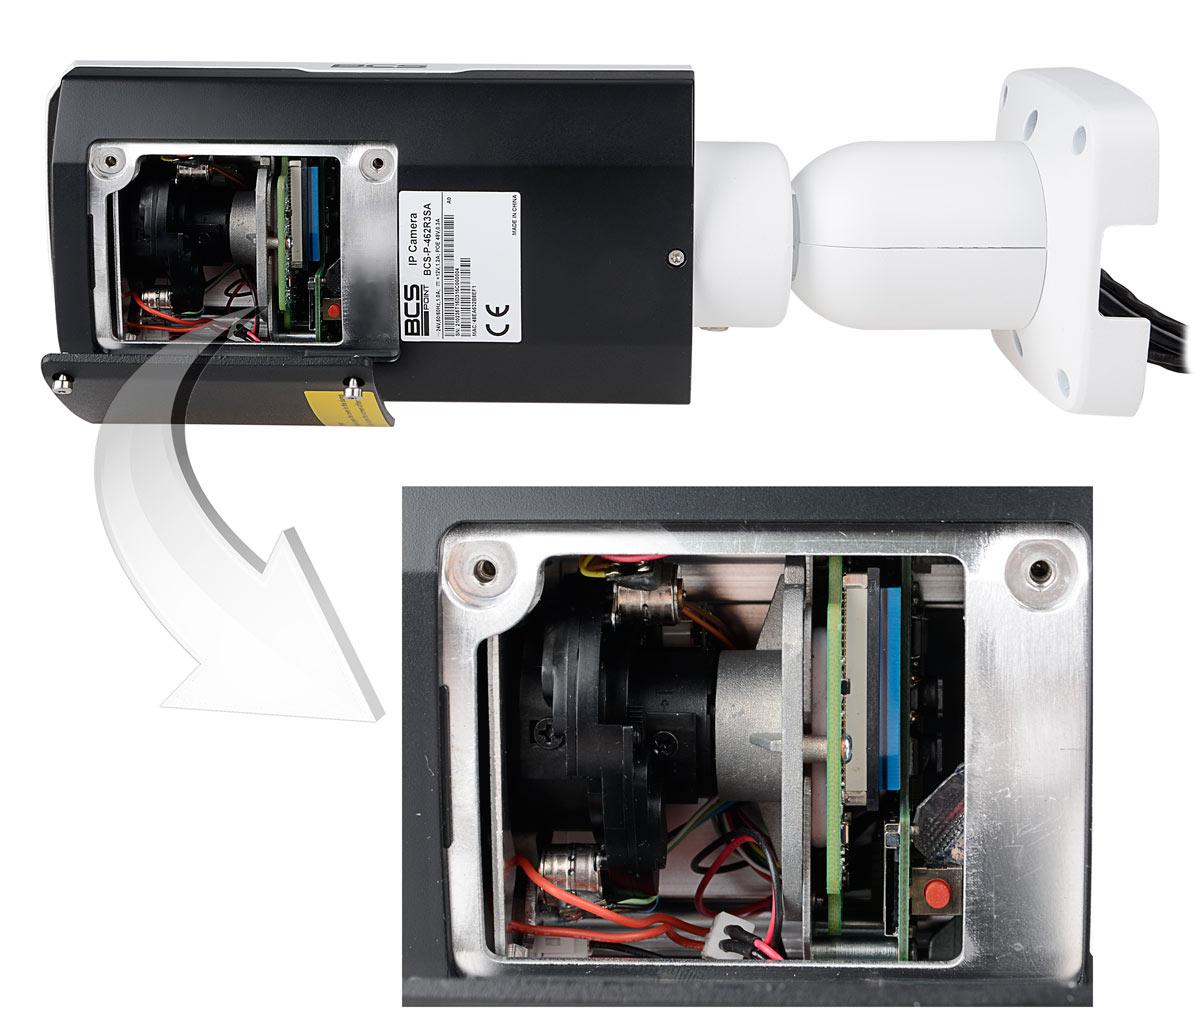 Miejsce regulacji obiektywu kamery BCS-P442R3WSA